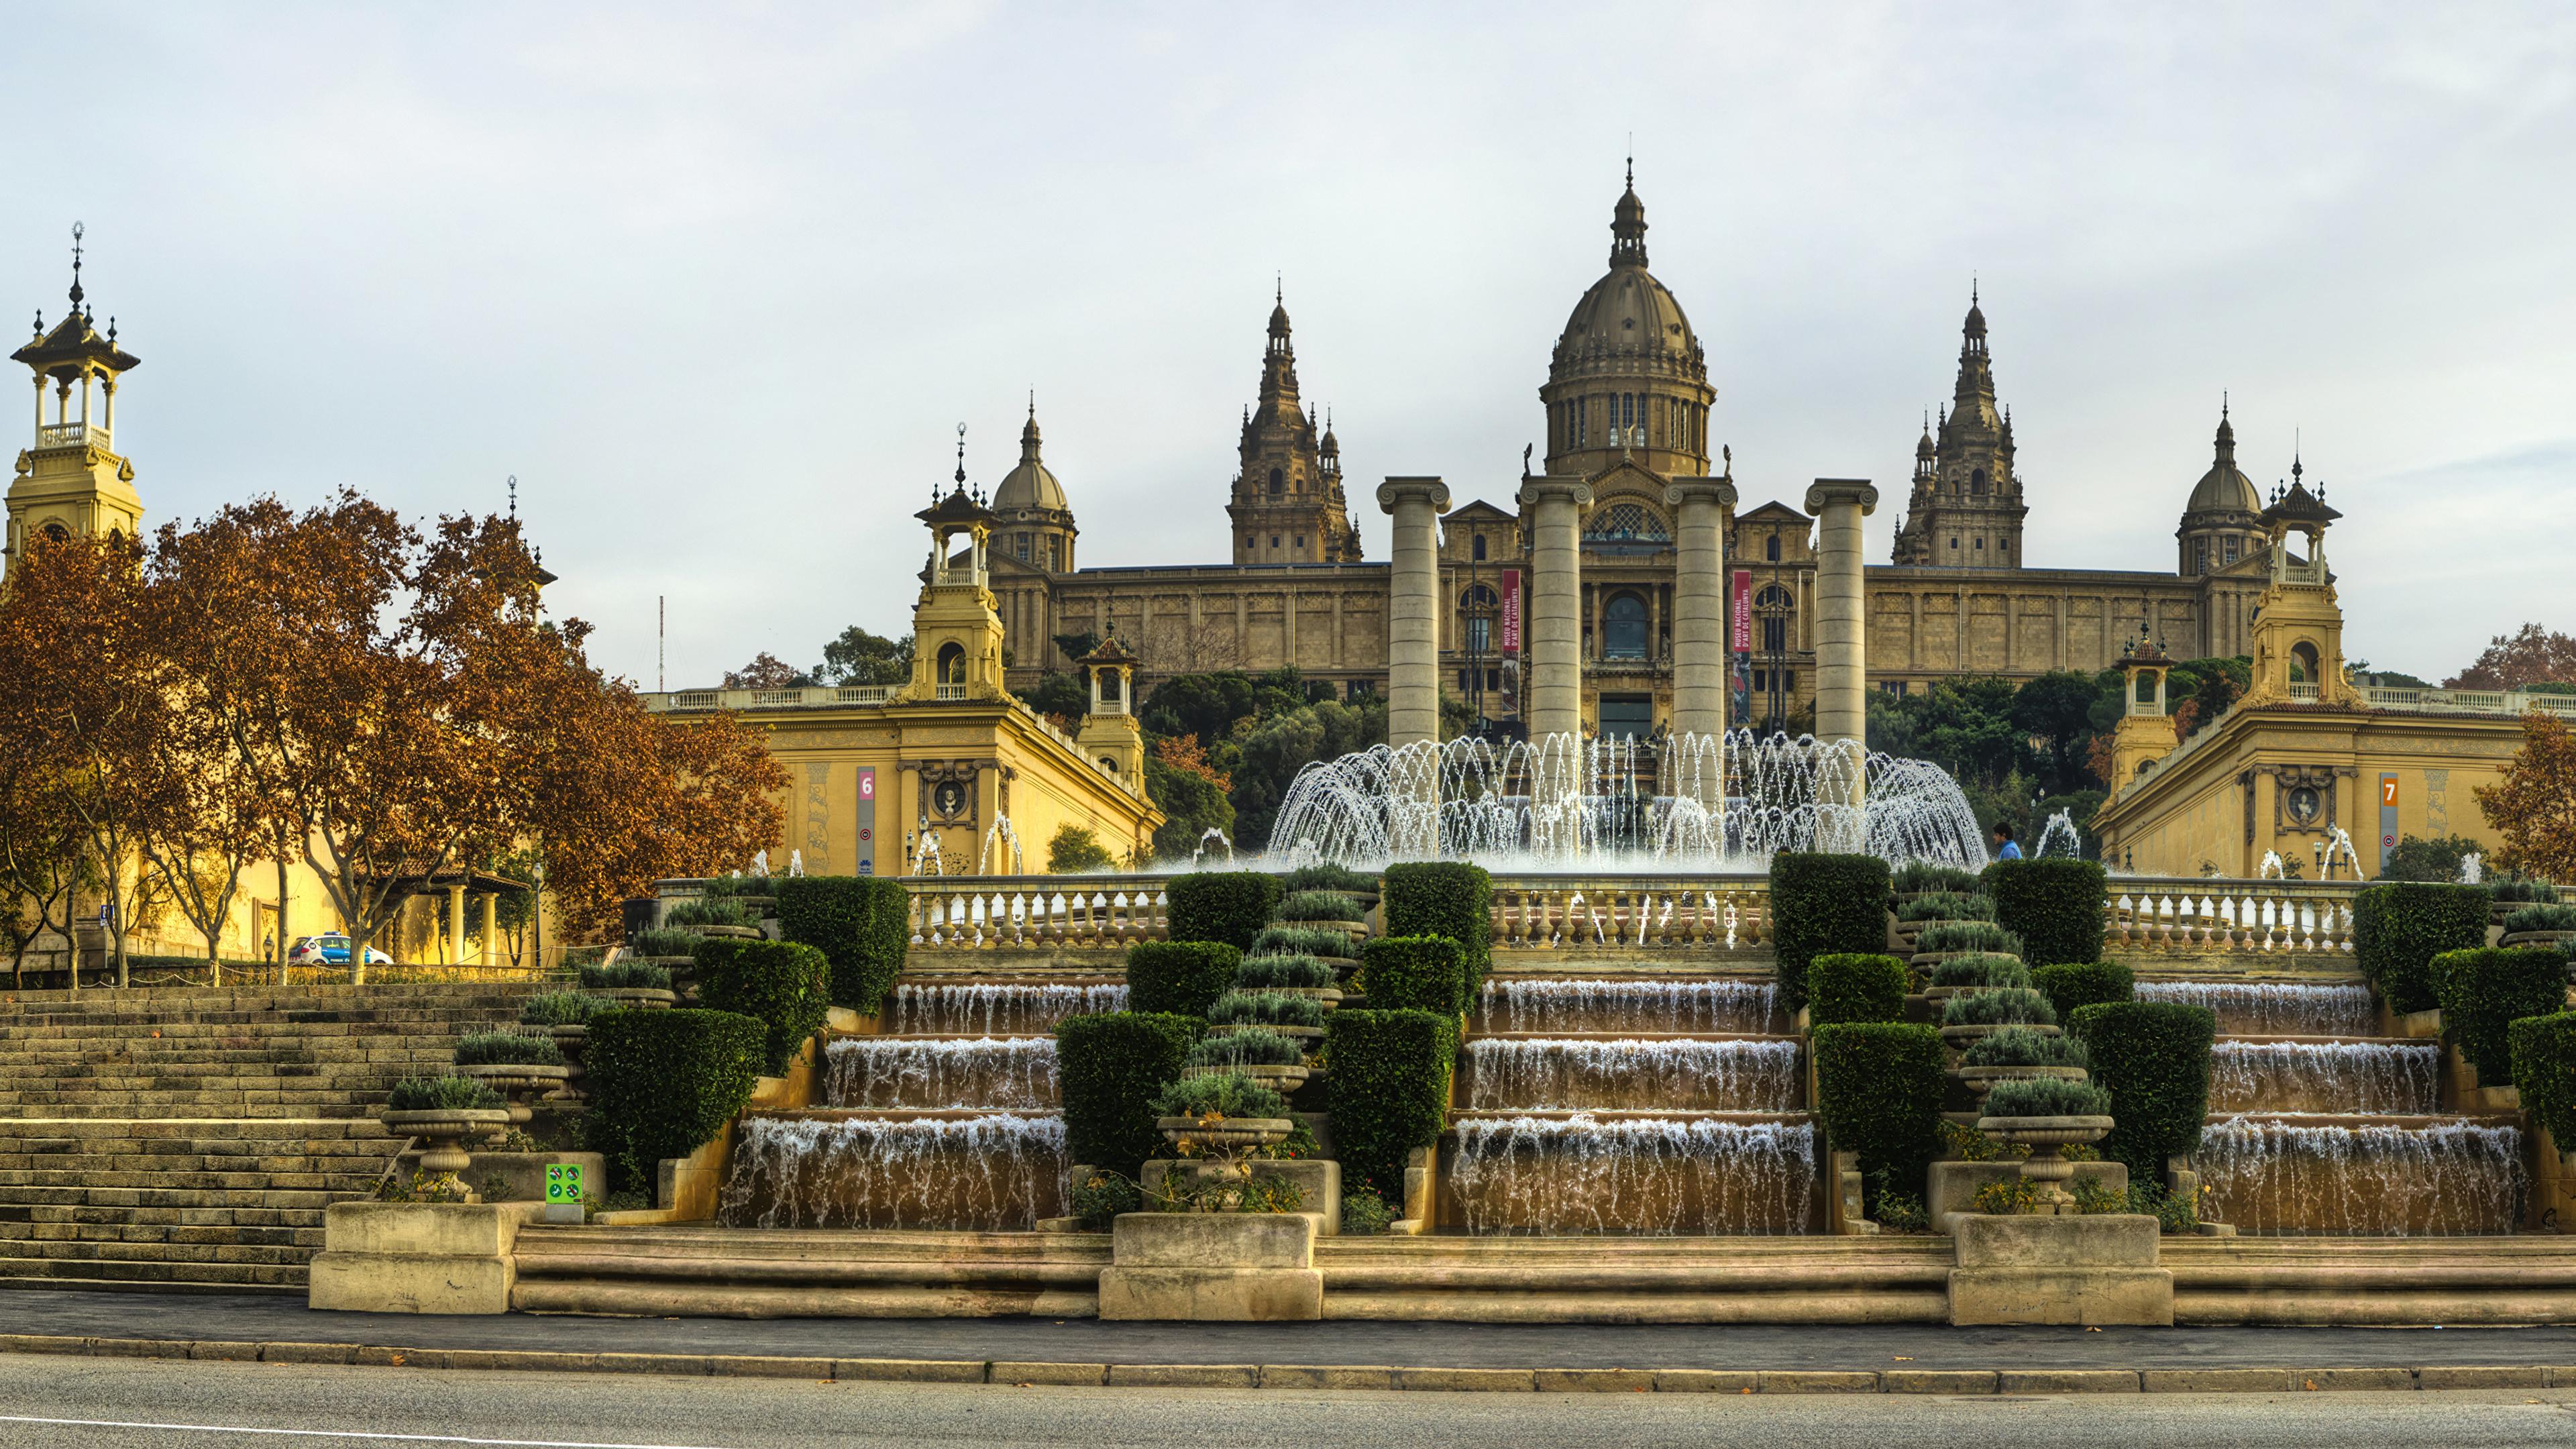 Фотография Барселона Дворец Испания Фонтаны National Palace лестницы Водопады Города 3840x2160 дворца Лестница город